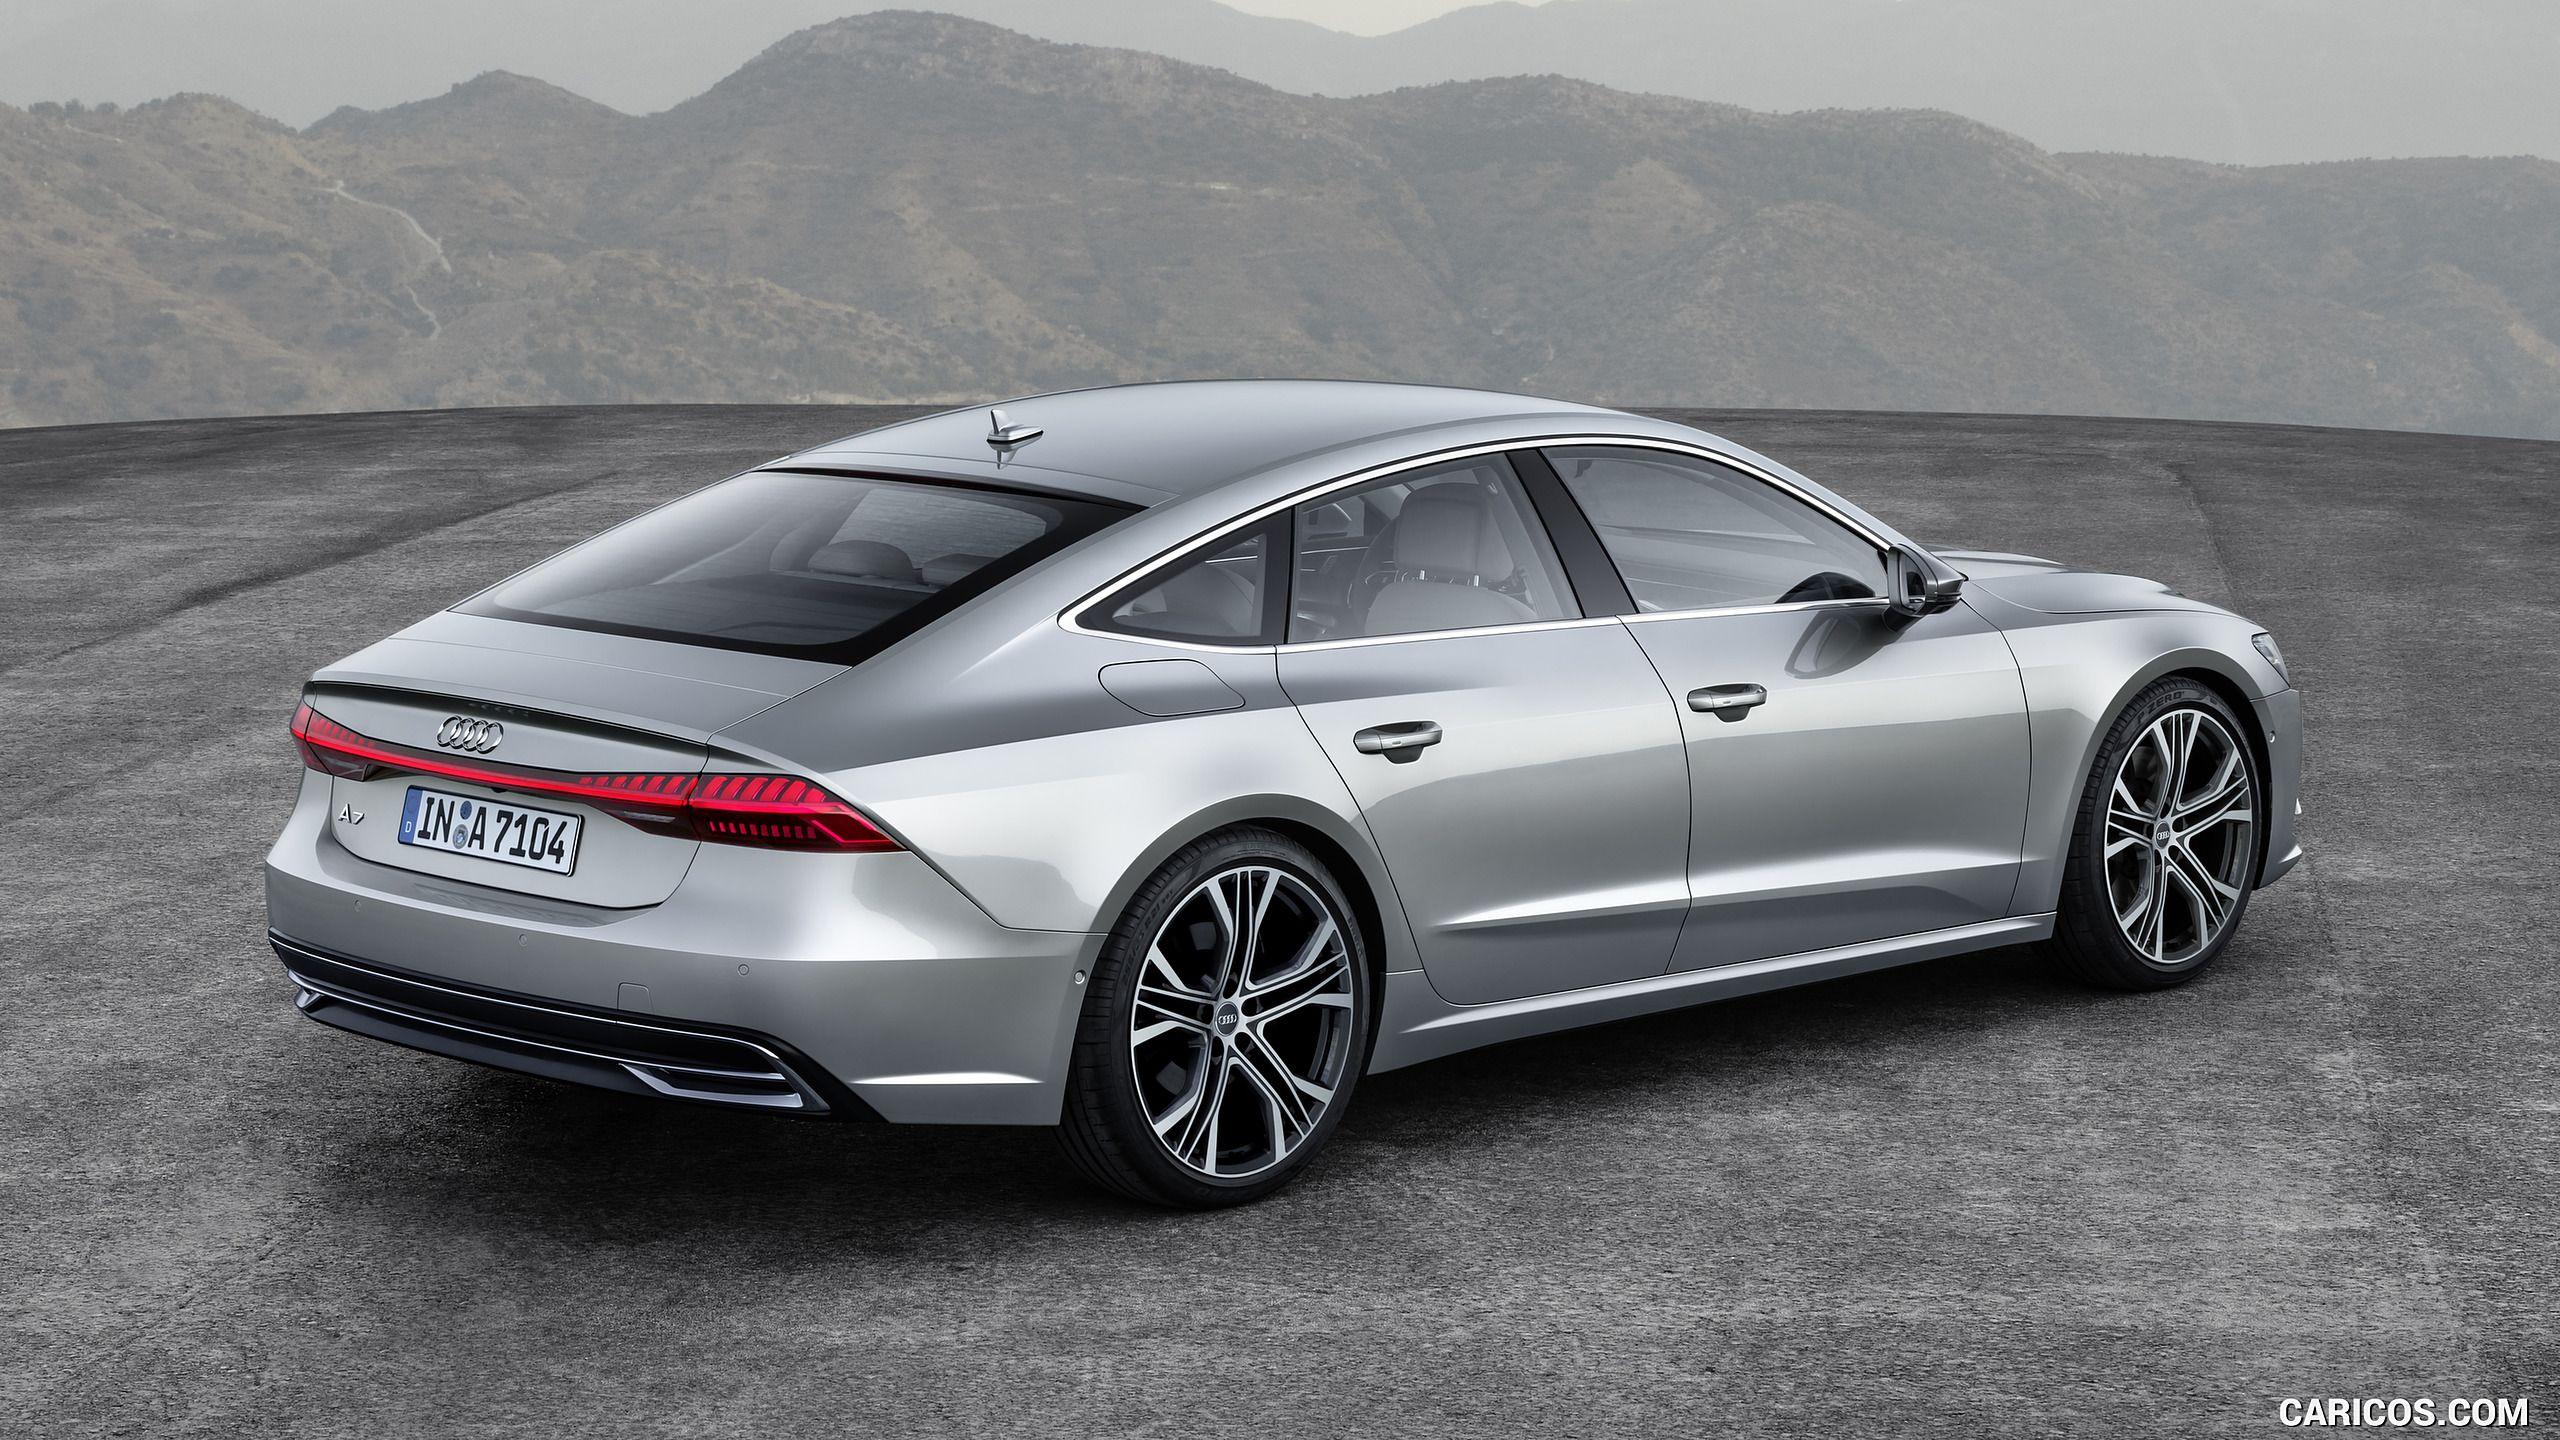 Kelebihan Audi A7 Sportback 2019 Spesifikasi